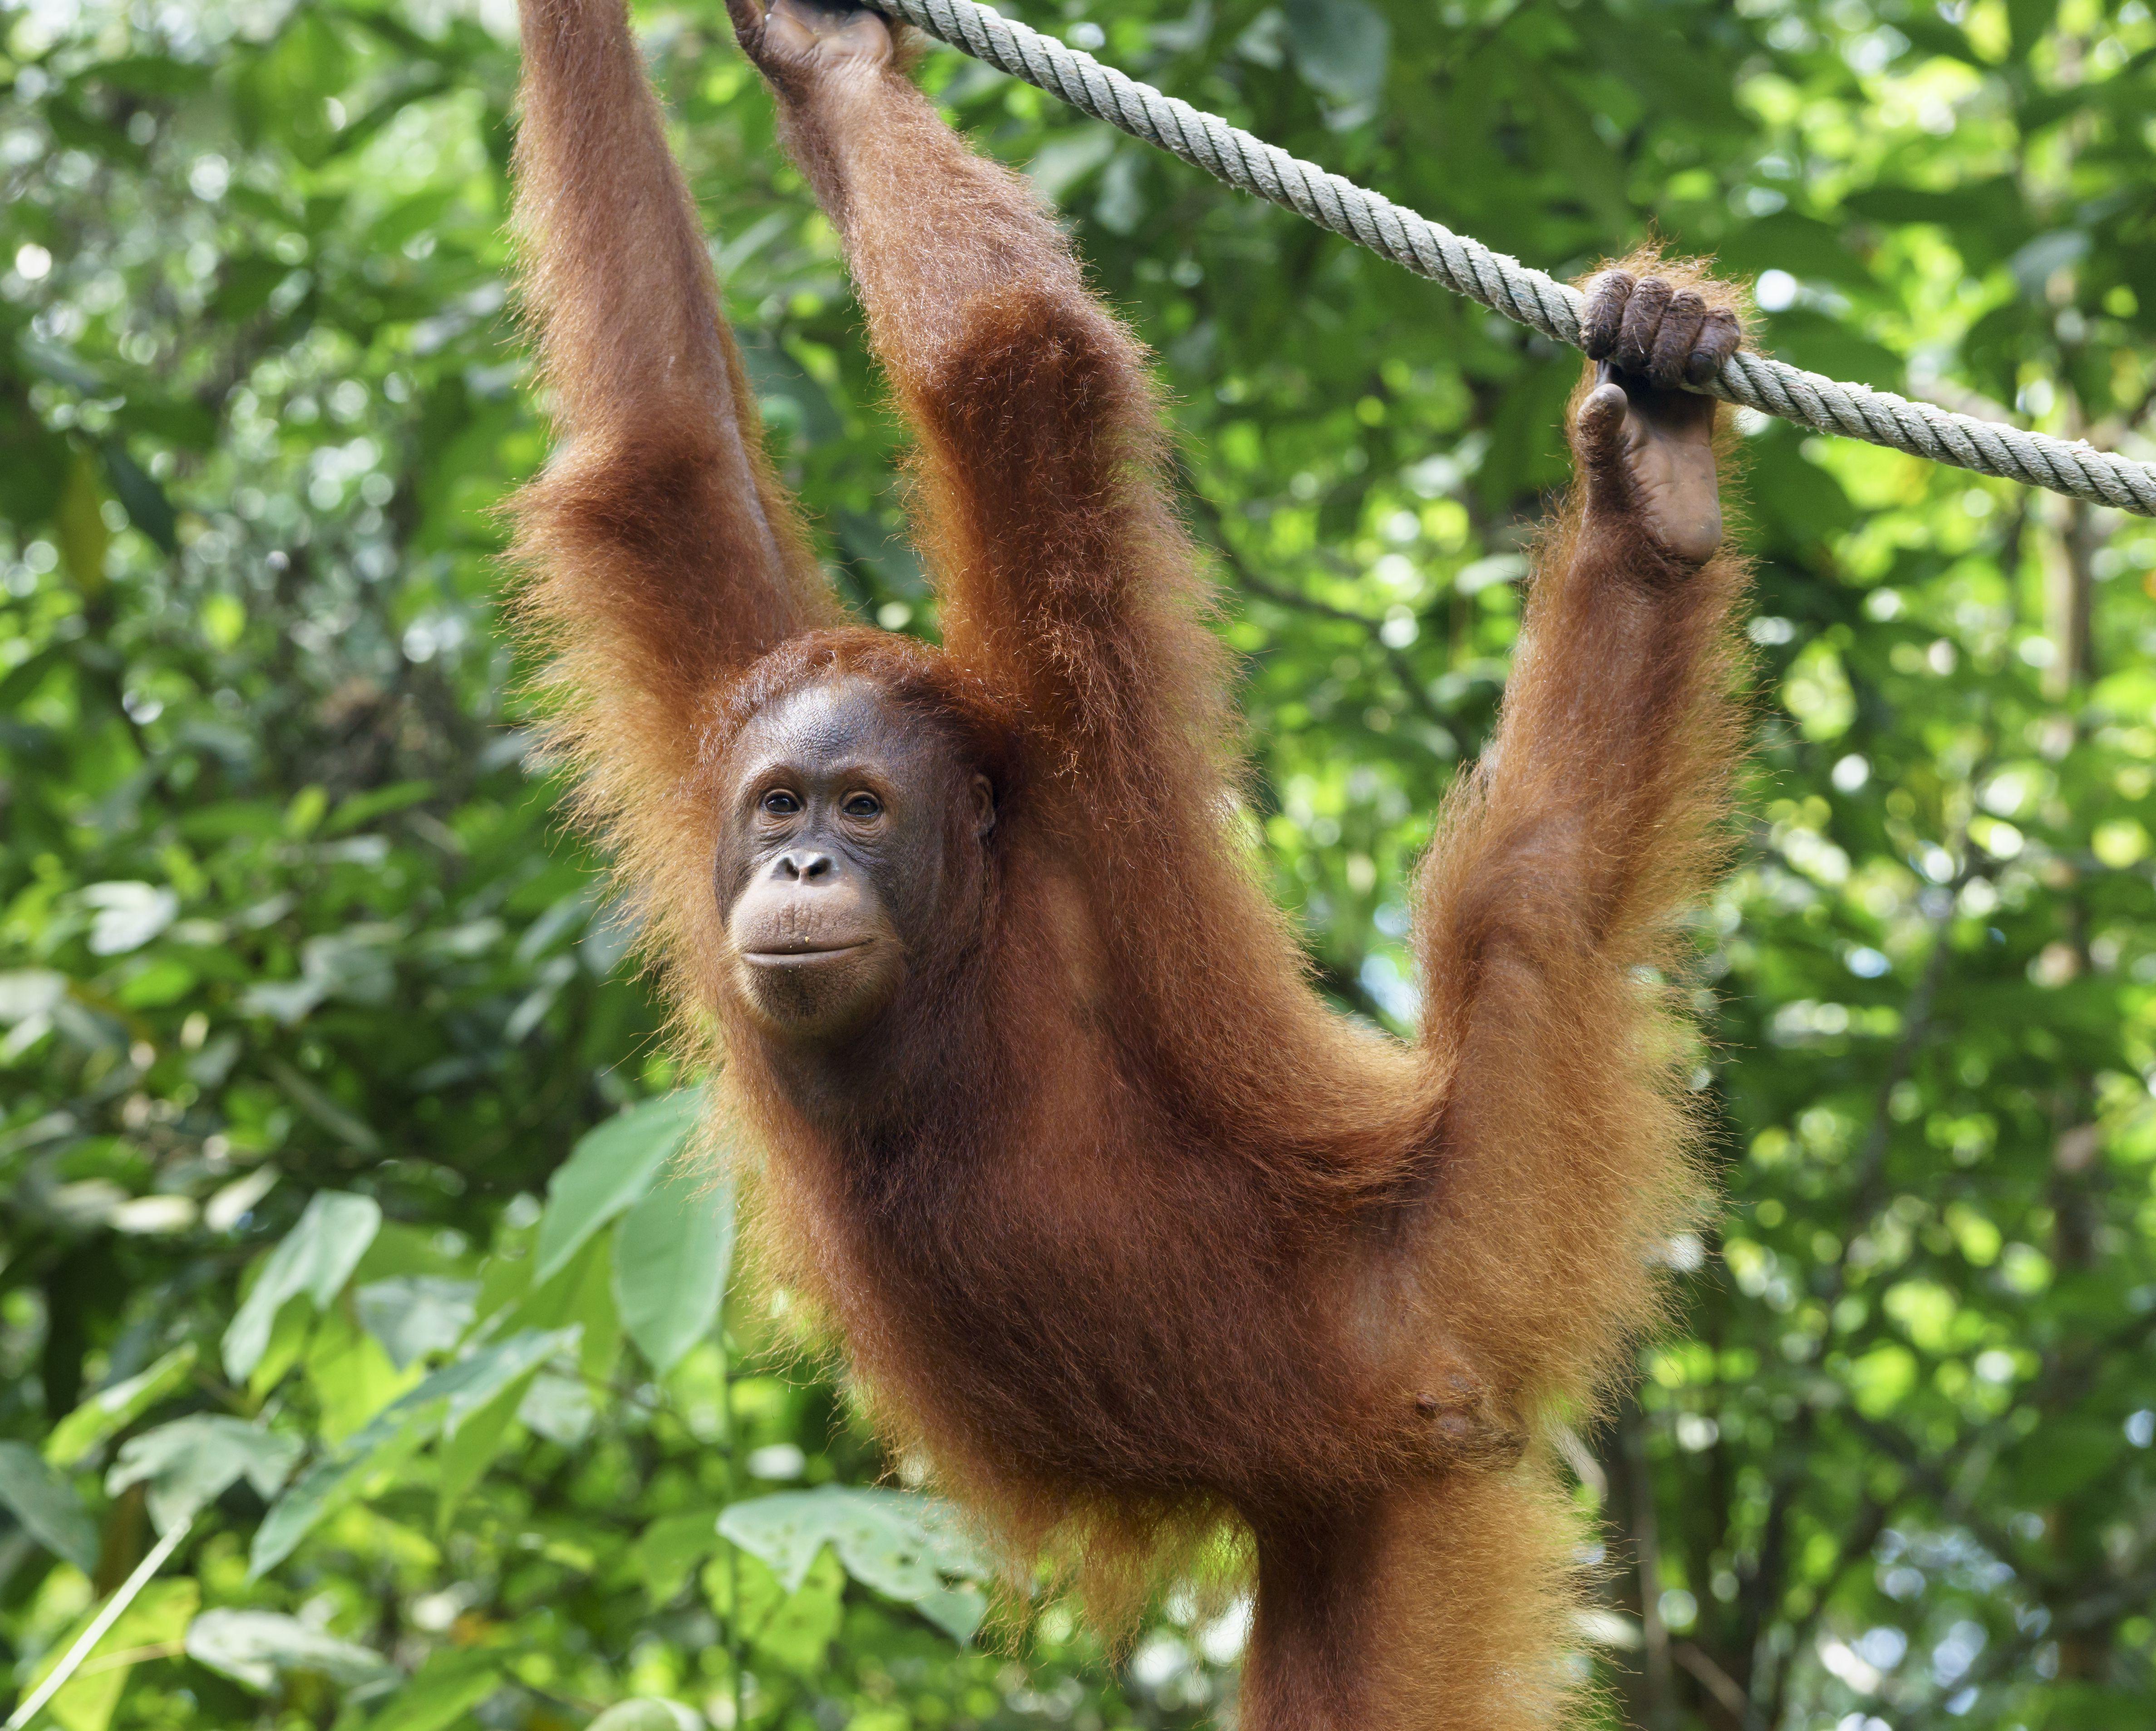 10 Facts About Orangutans